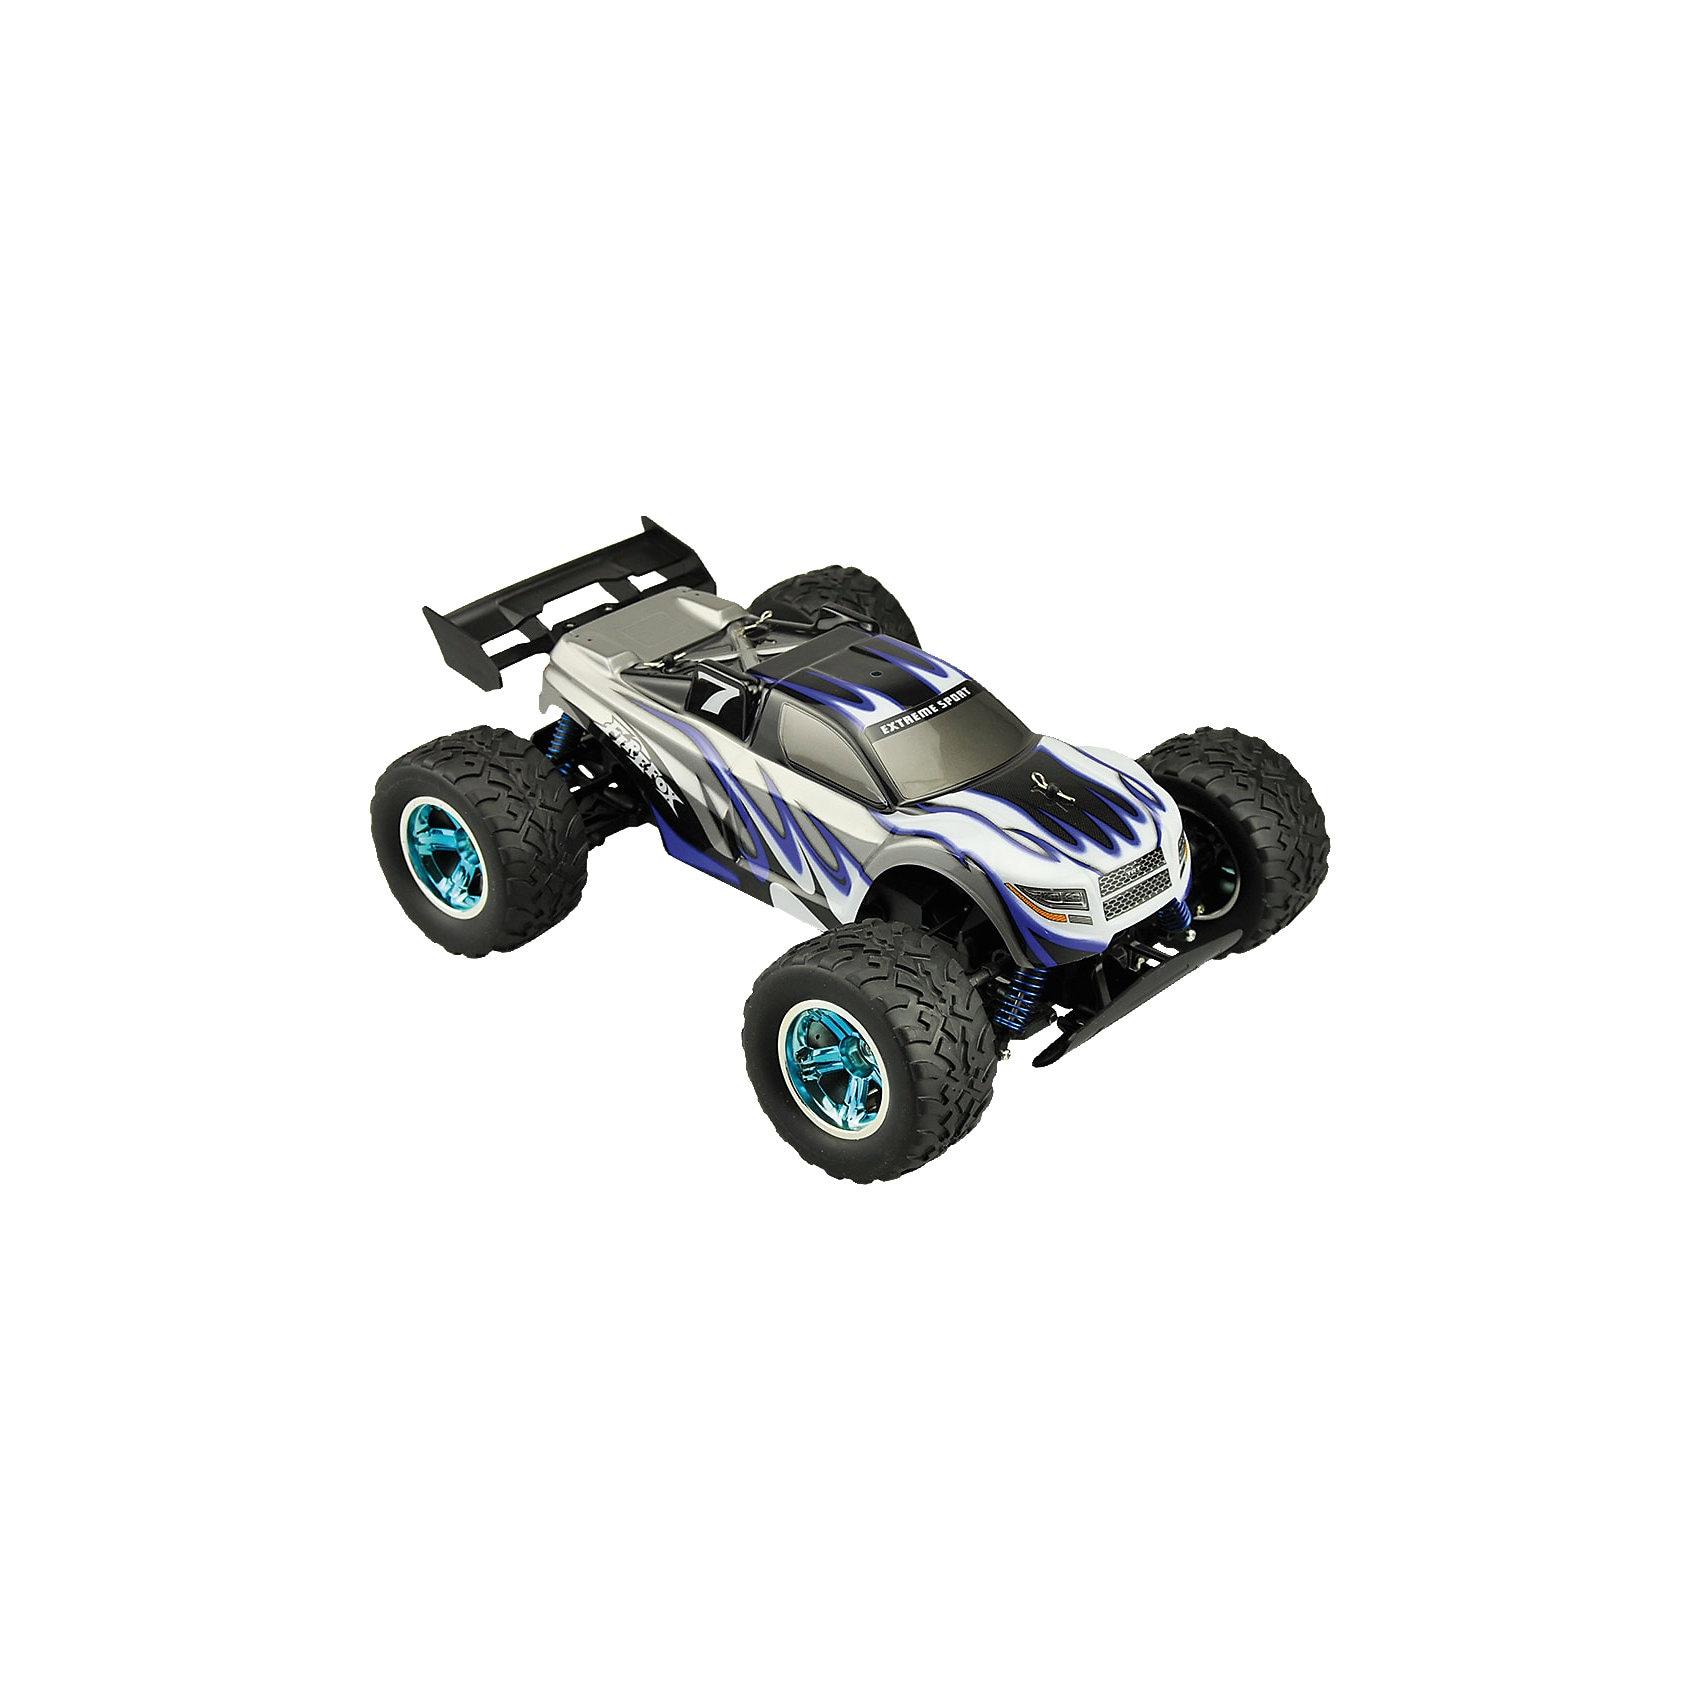 Amewi Amewi RC Modellbaufahrzeug Truggy S-Track V2